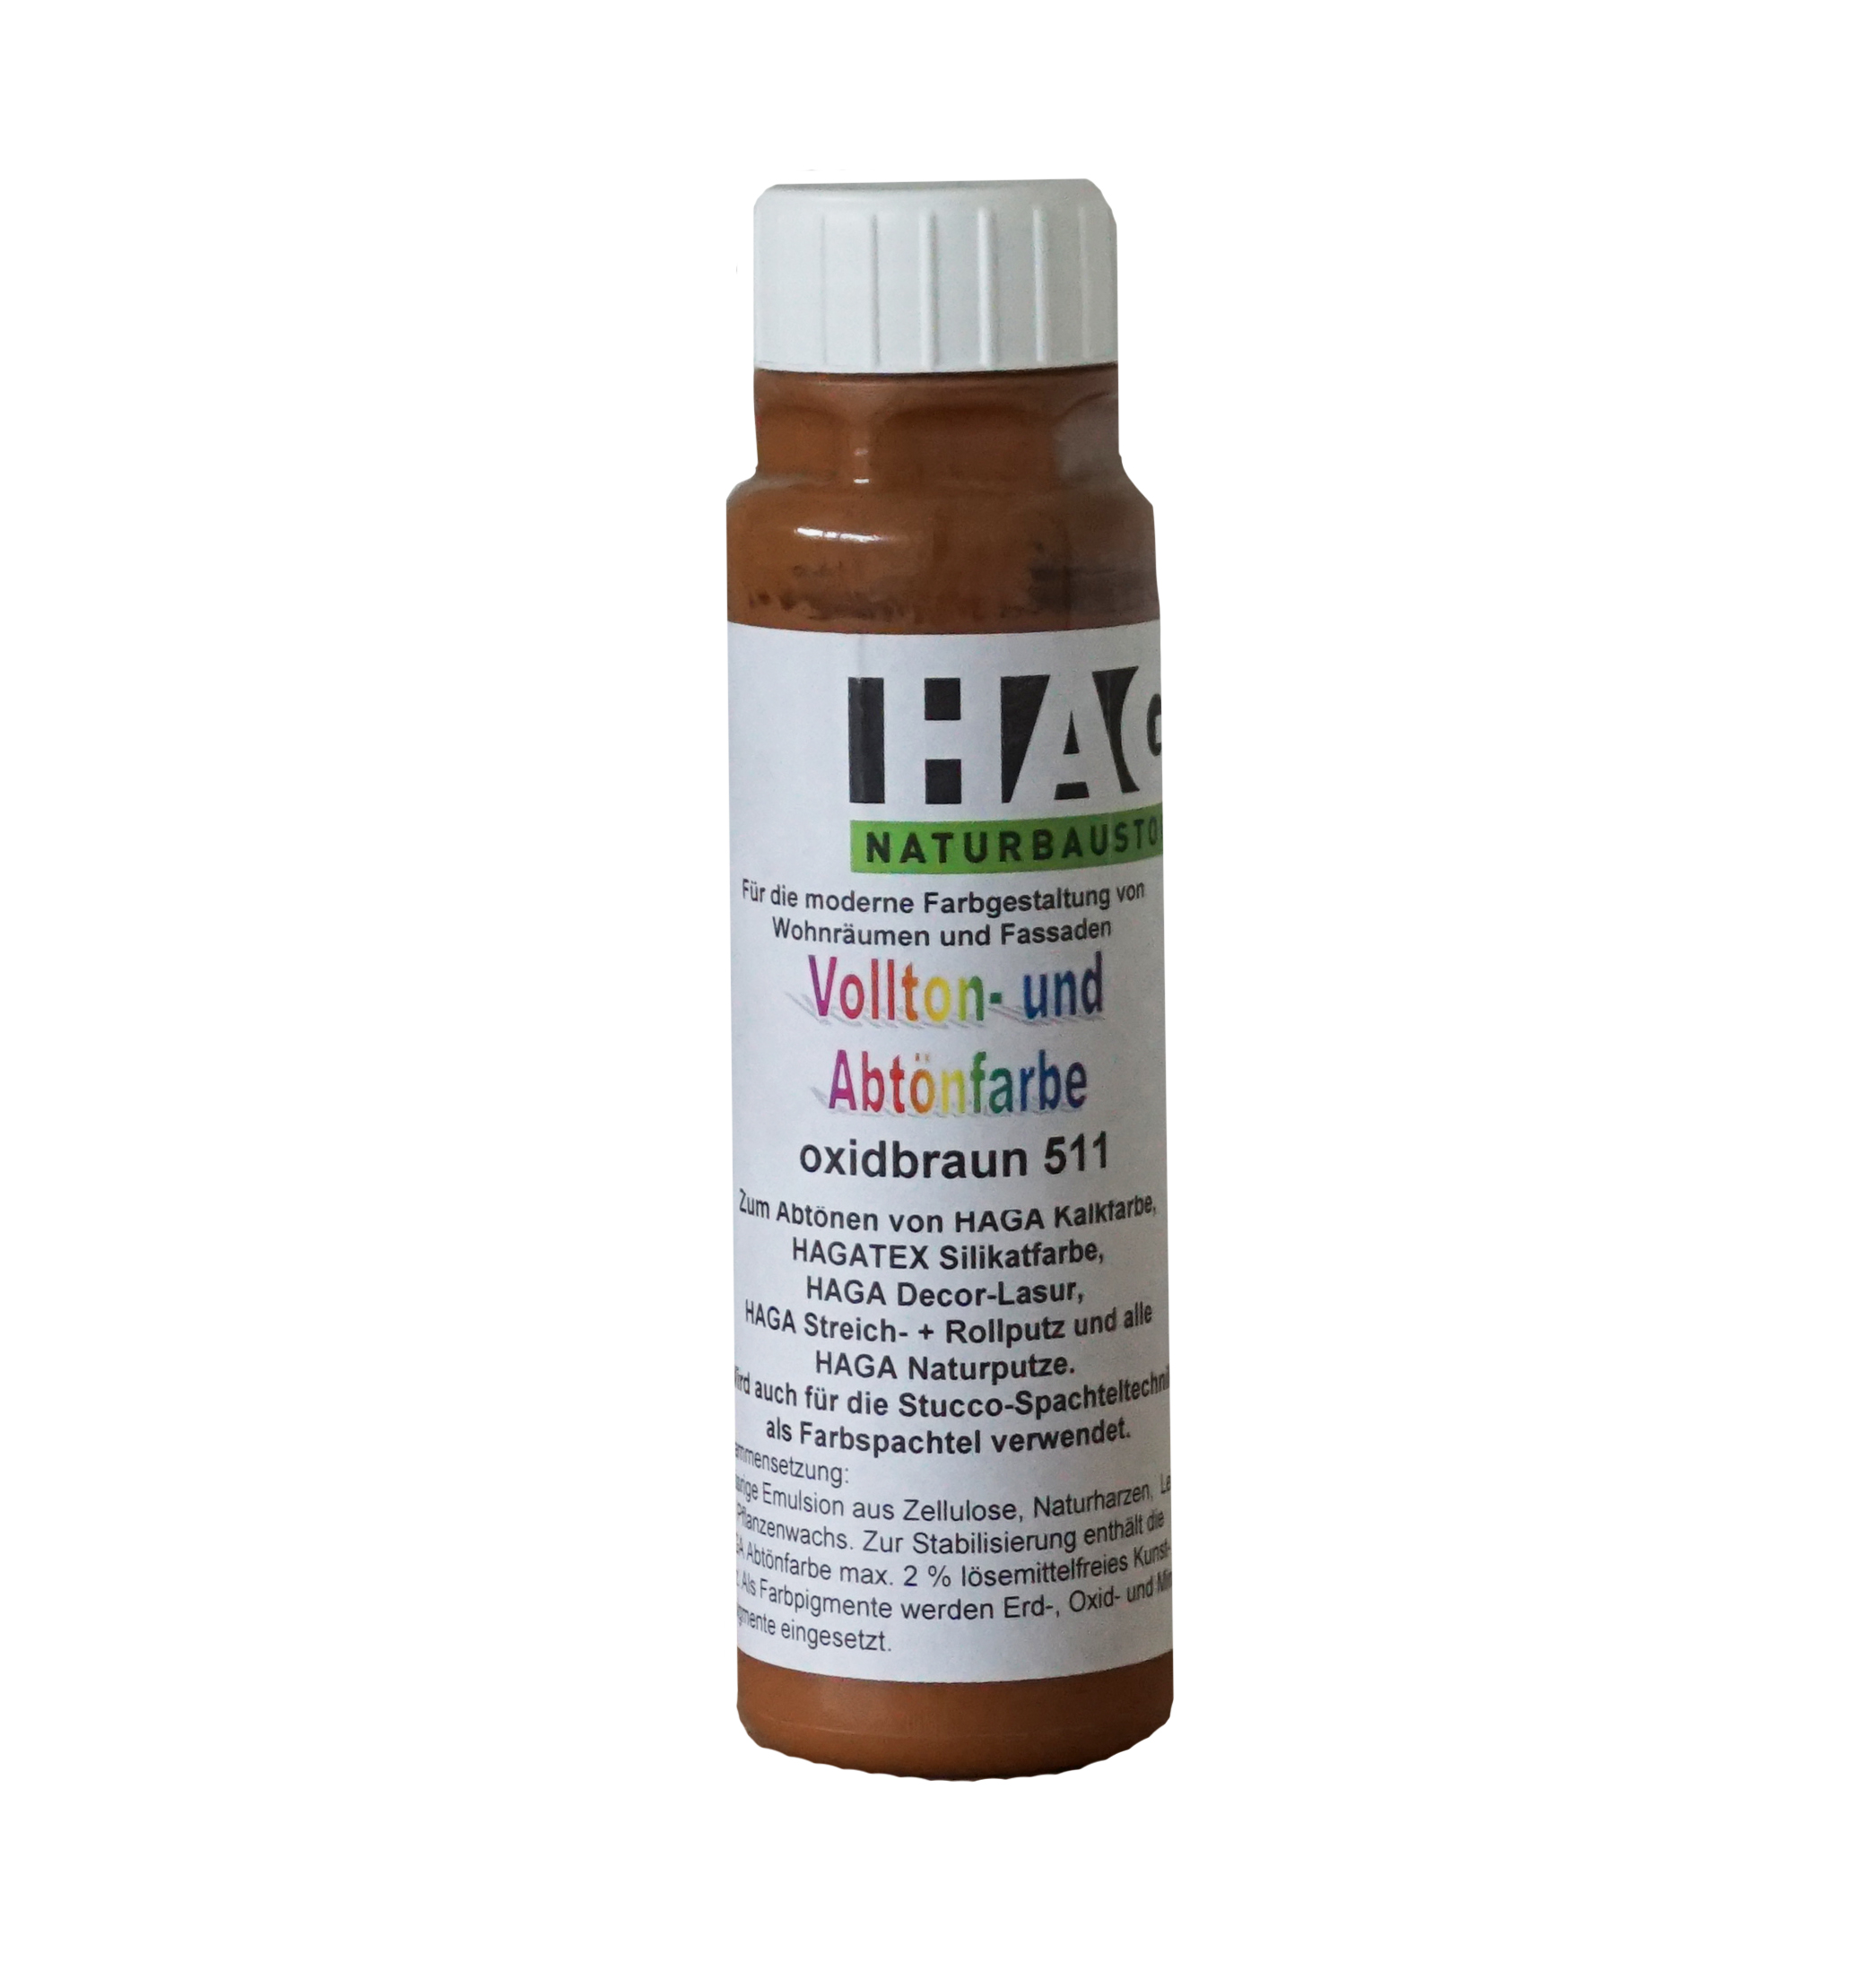 HAGA Vollton- & Abtönfarbe · oxidbraun 511